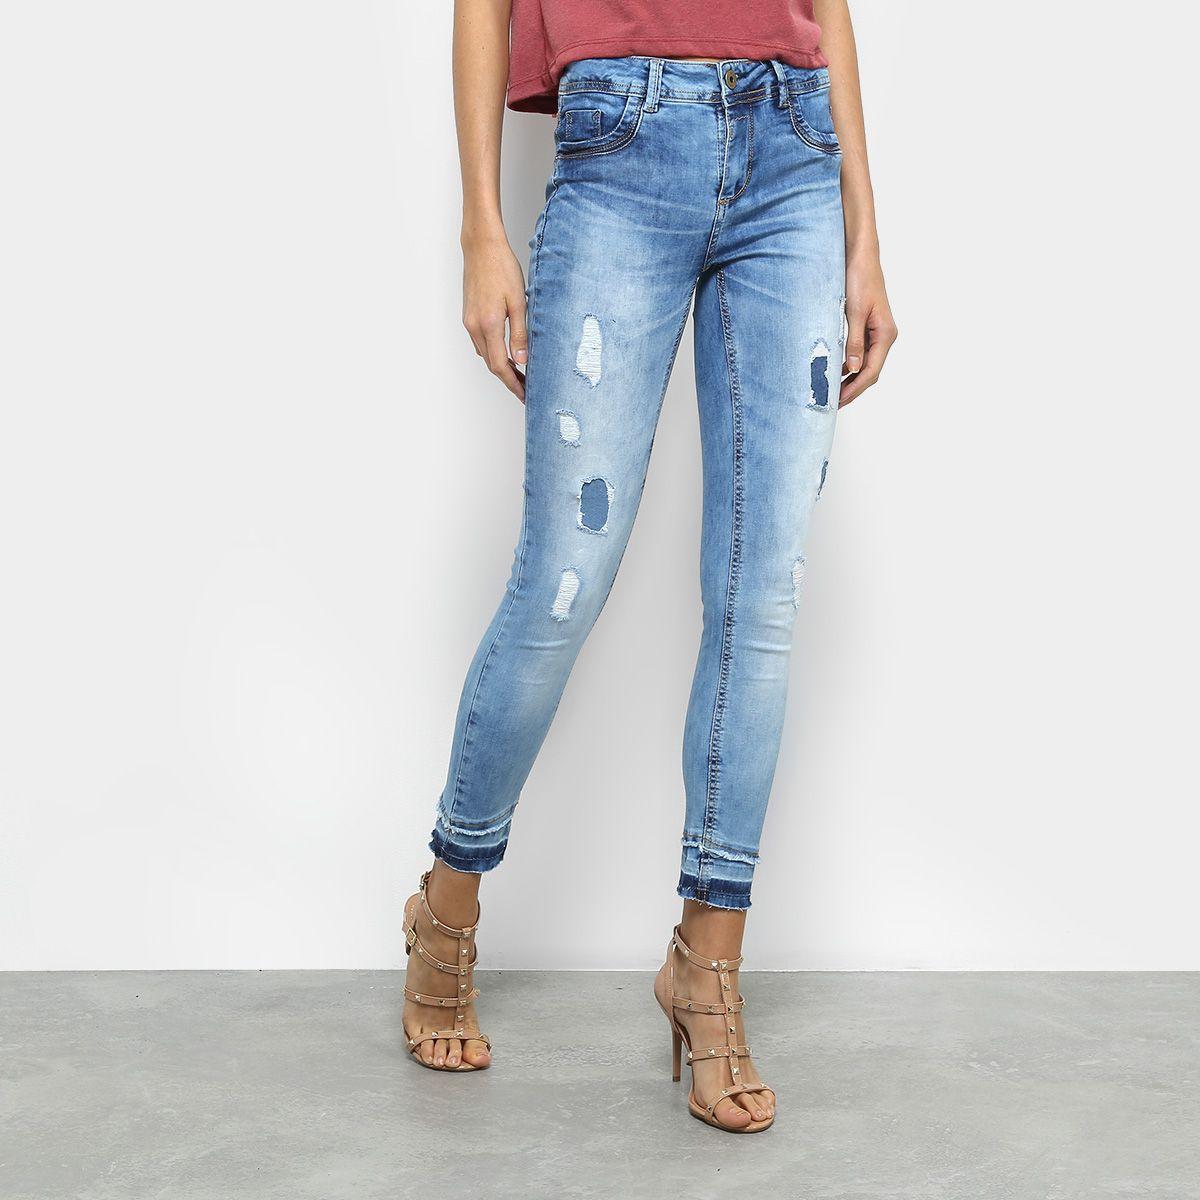 Calça Jeans Cigarrete Sawary Estonada Rasgos Cintura Média Feminina -  Compre Agora  44fd3ba38a7be